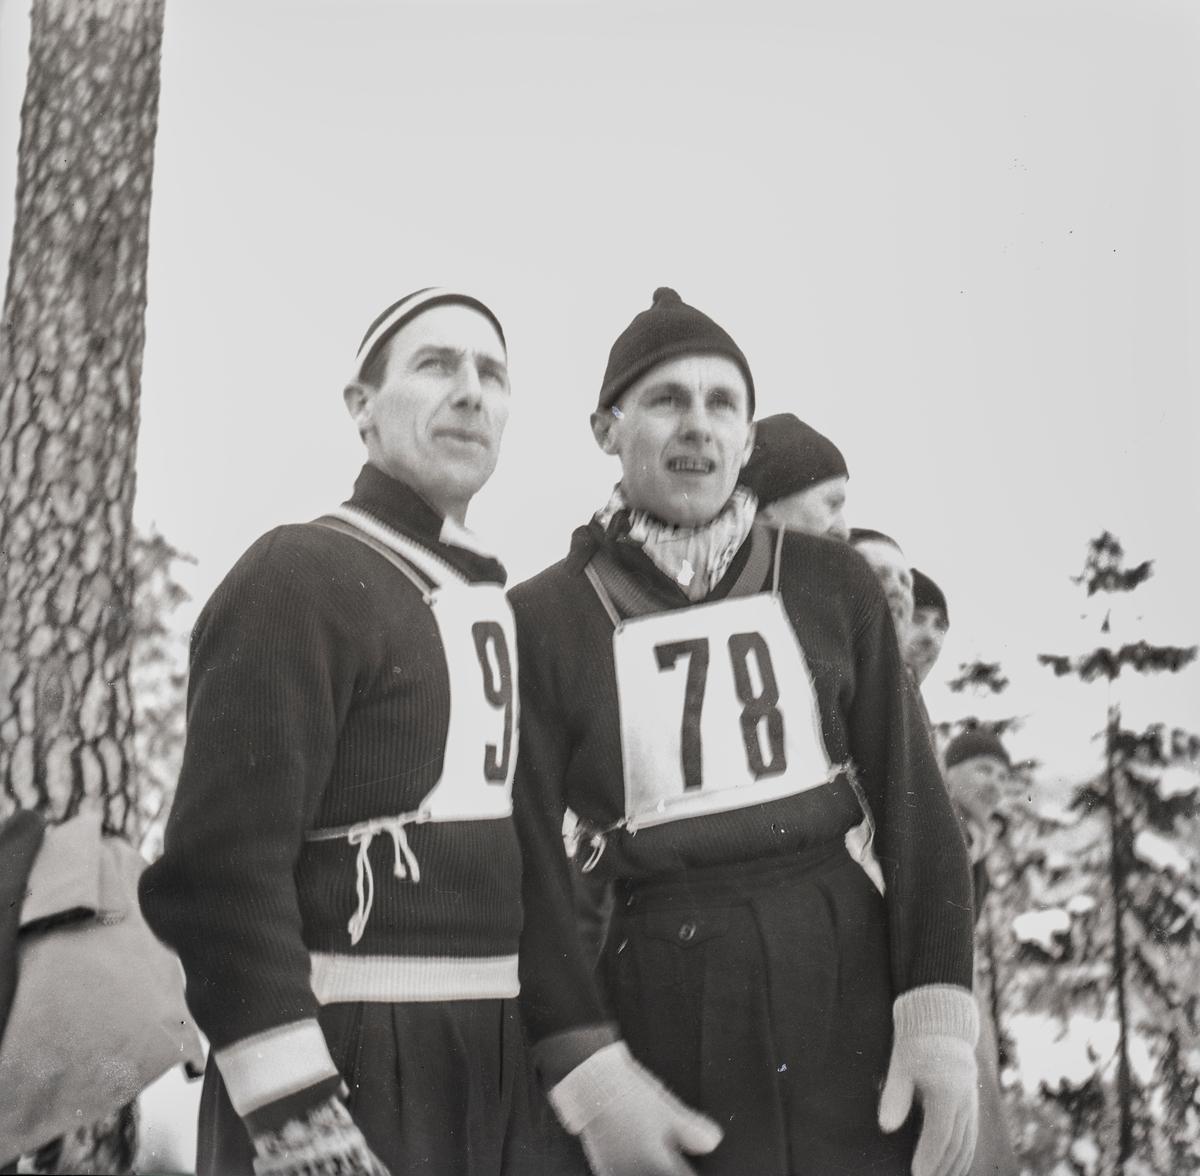 Two Kongsberg skiers